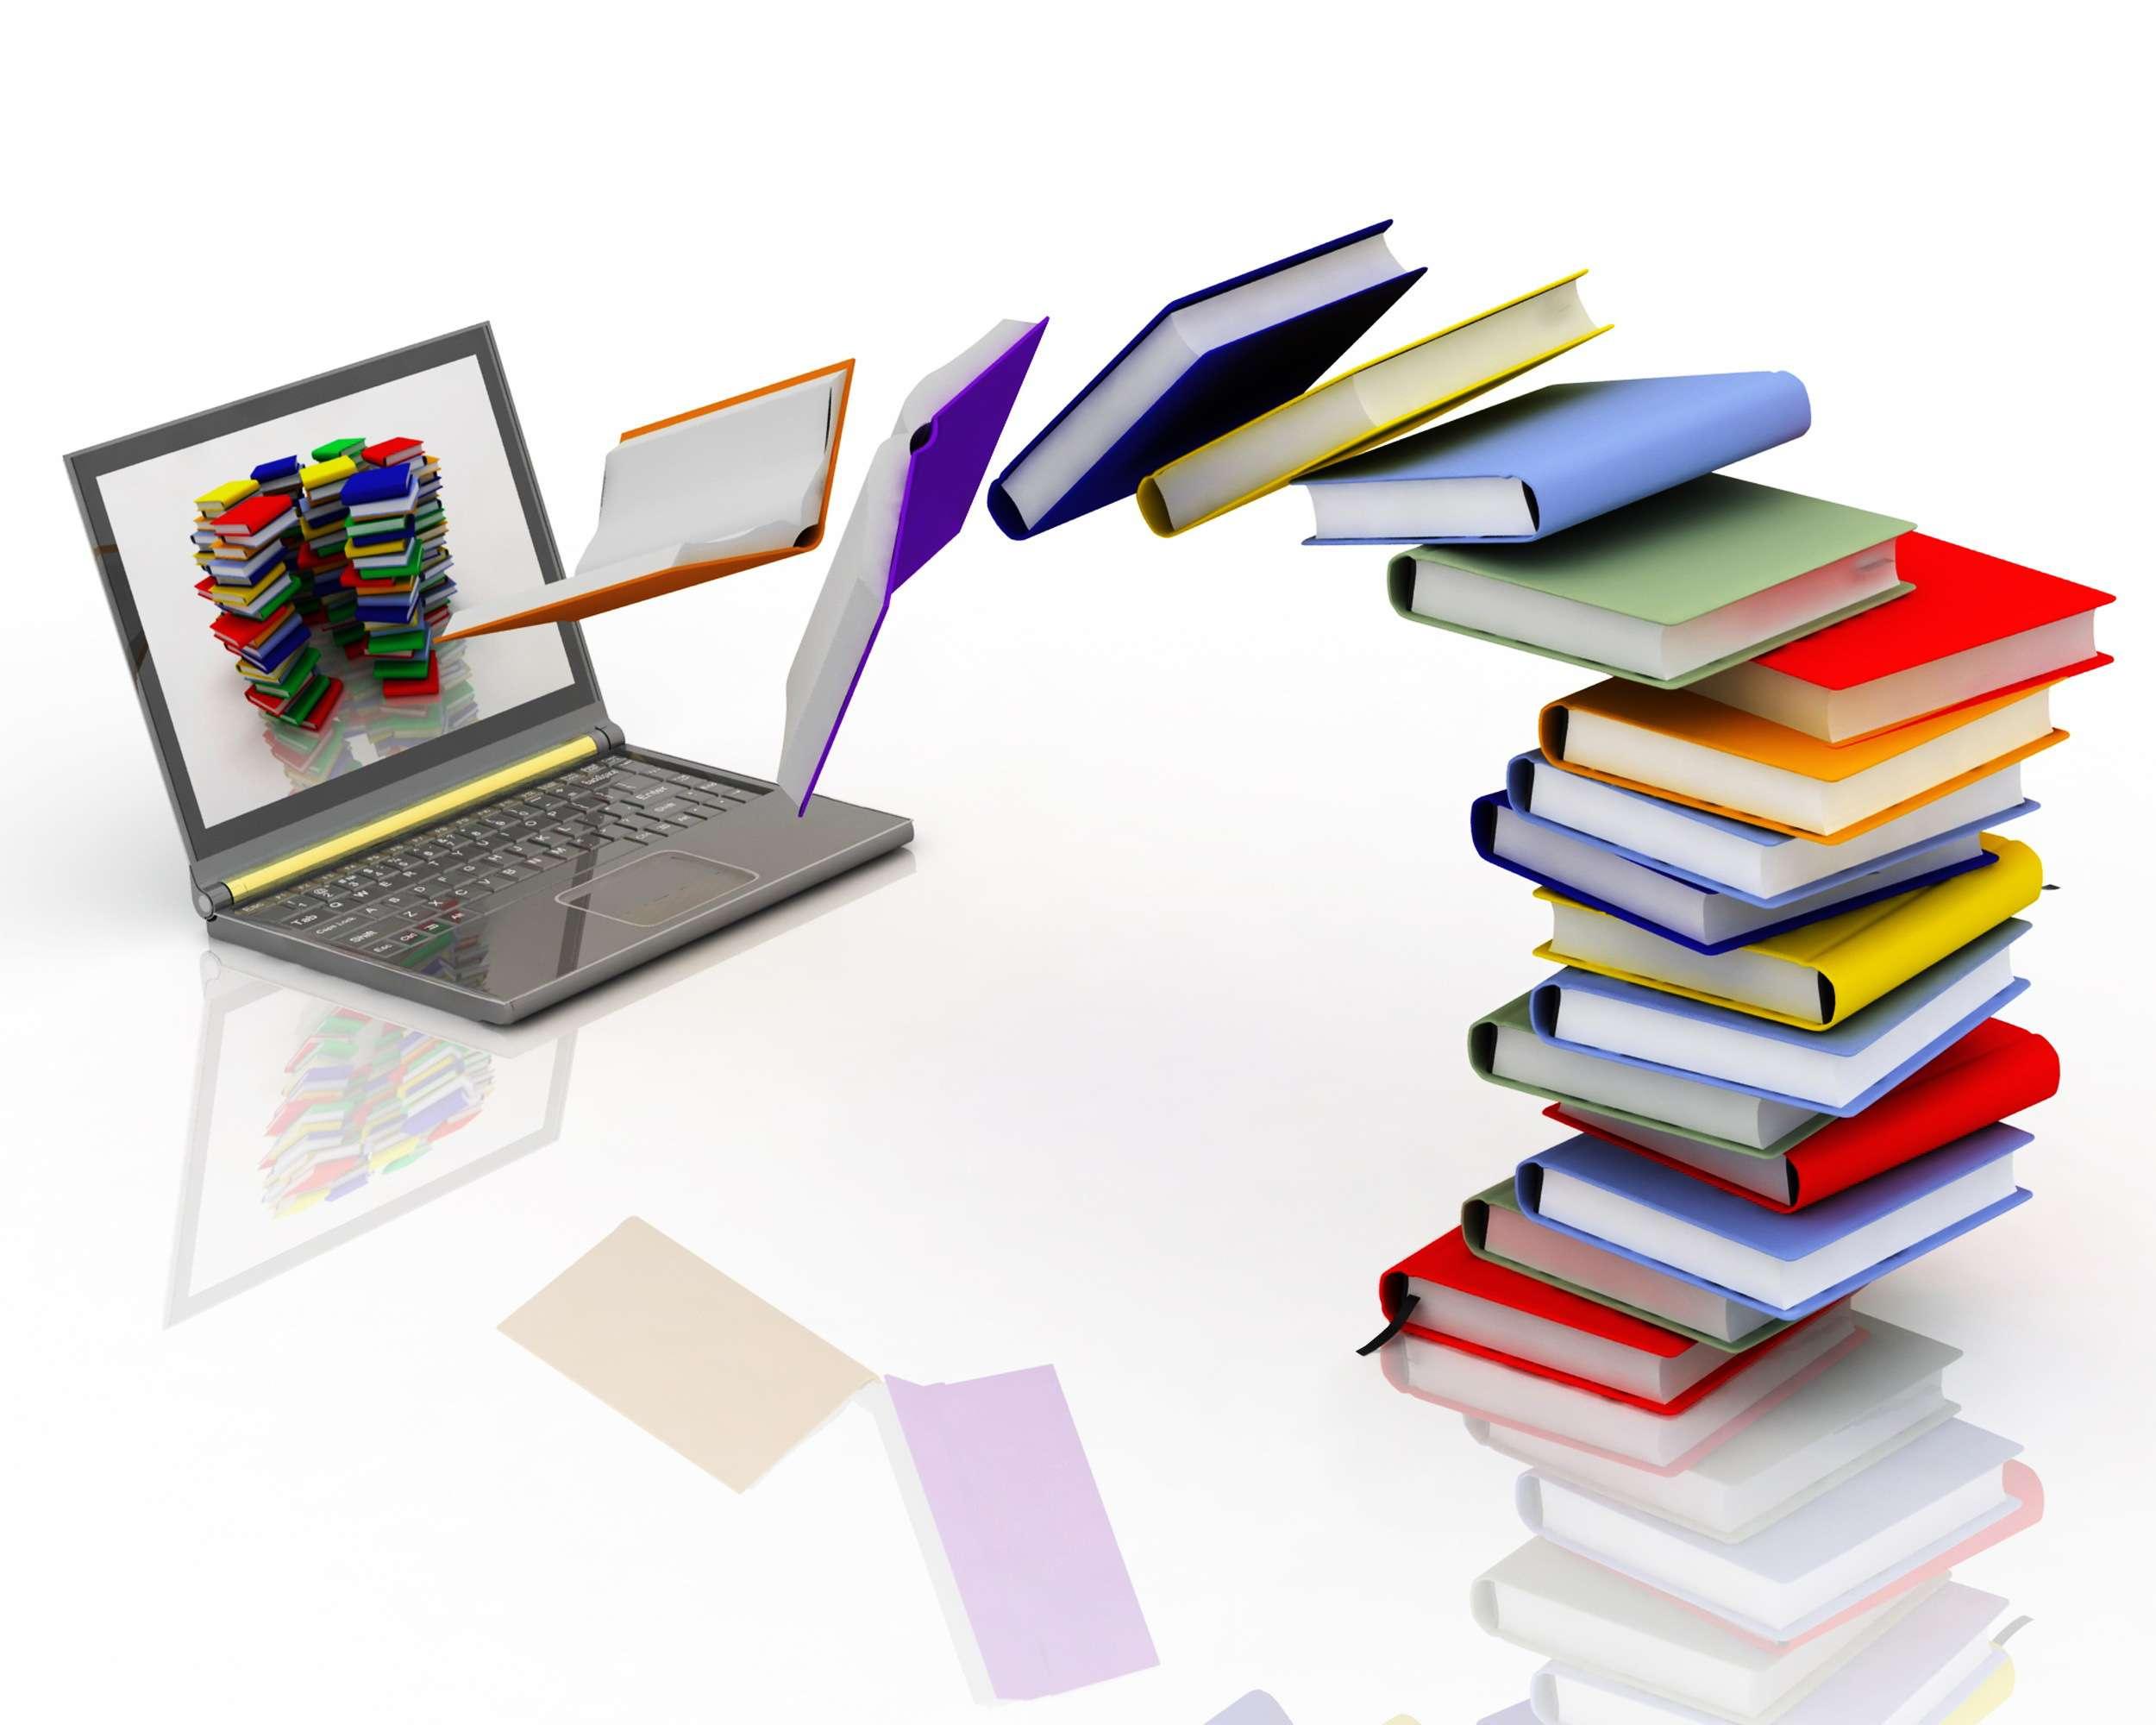 تحولی نو در فروش آنلاین کتاب توسط ویستور